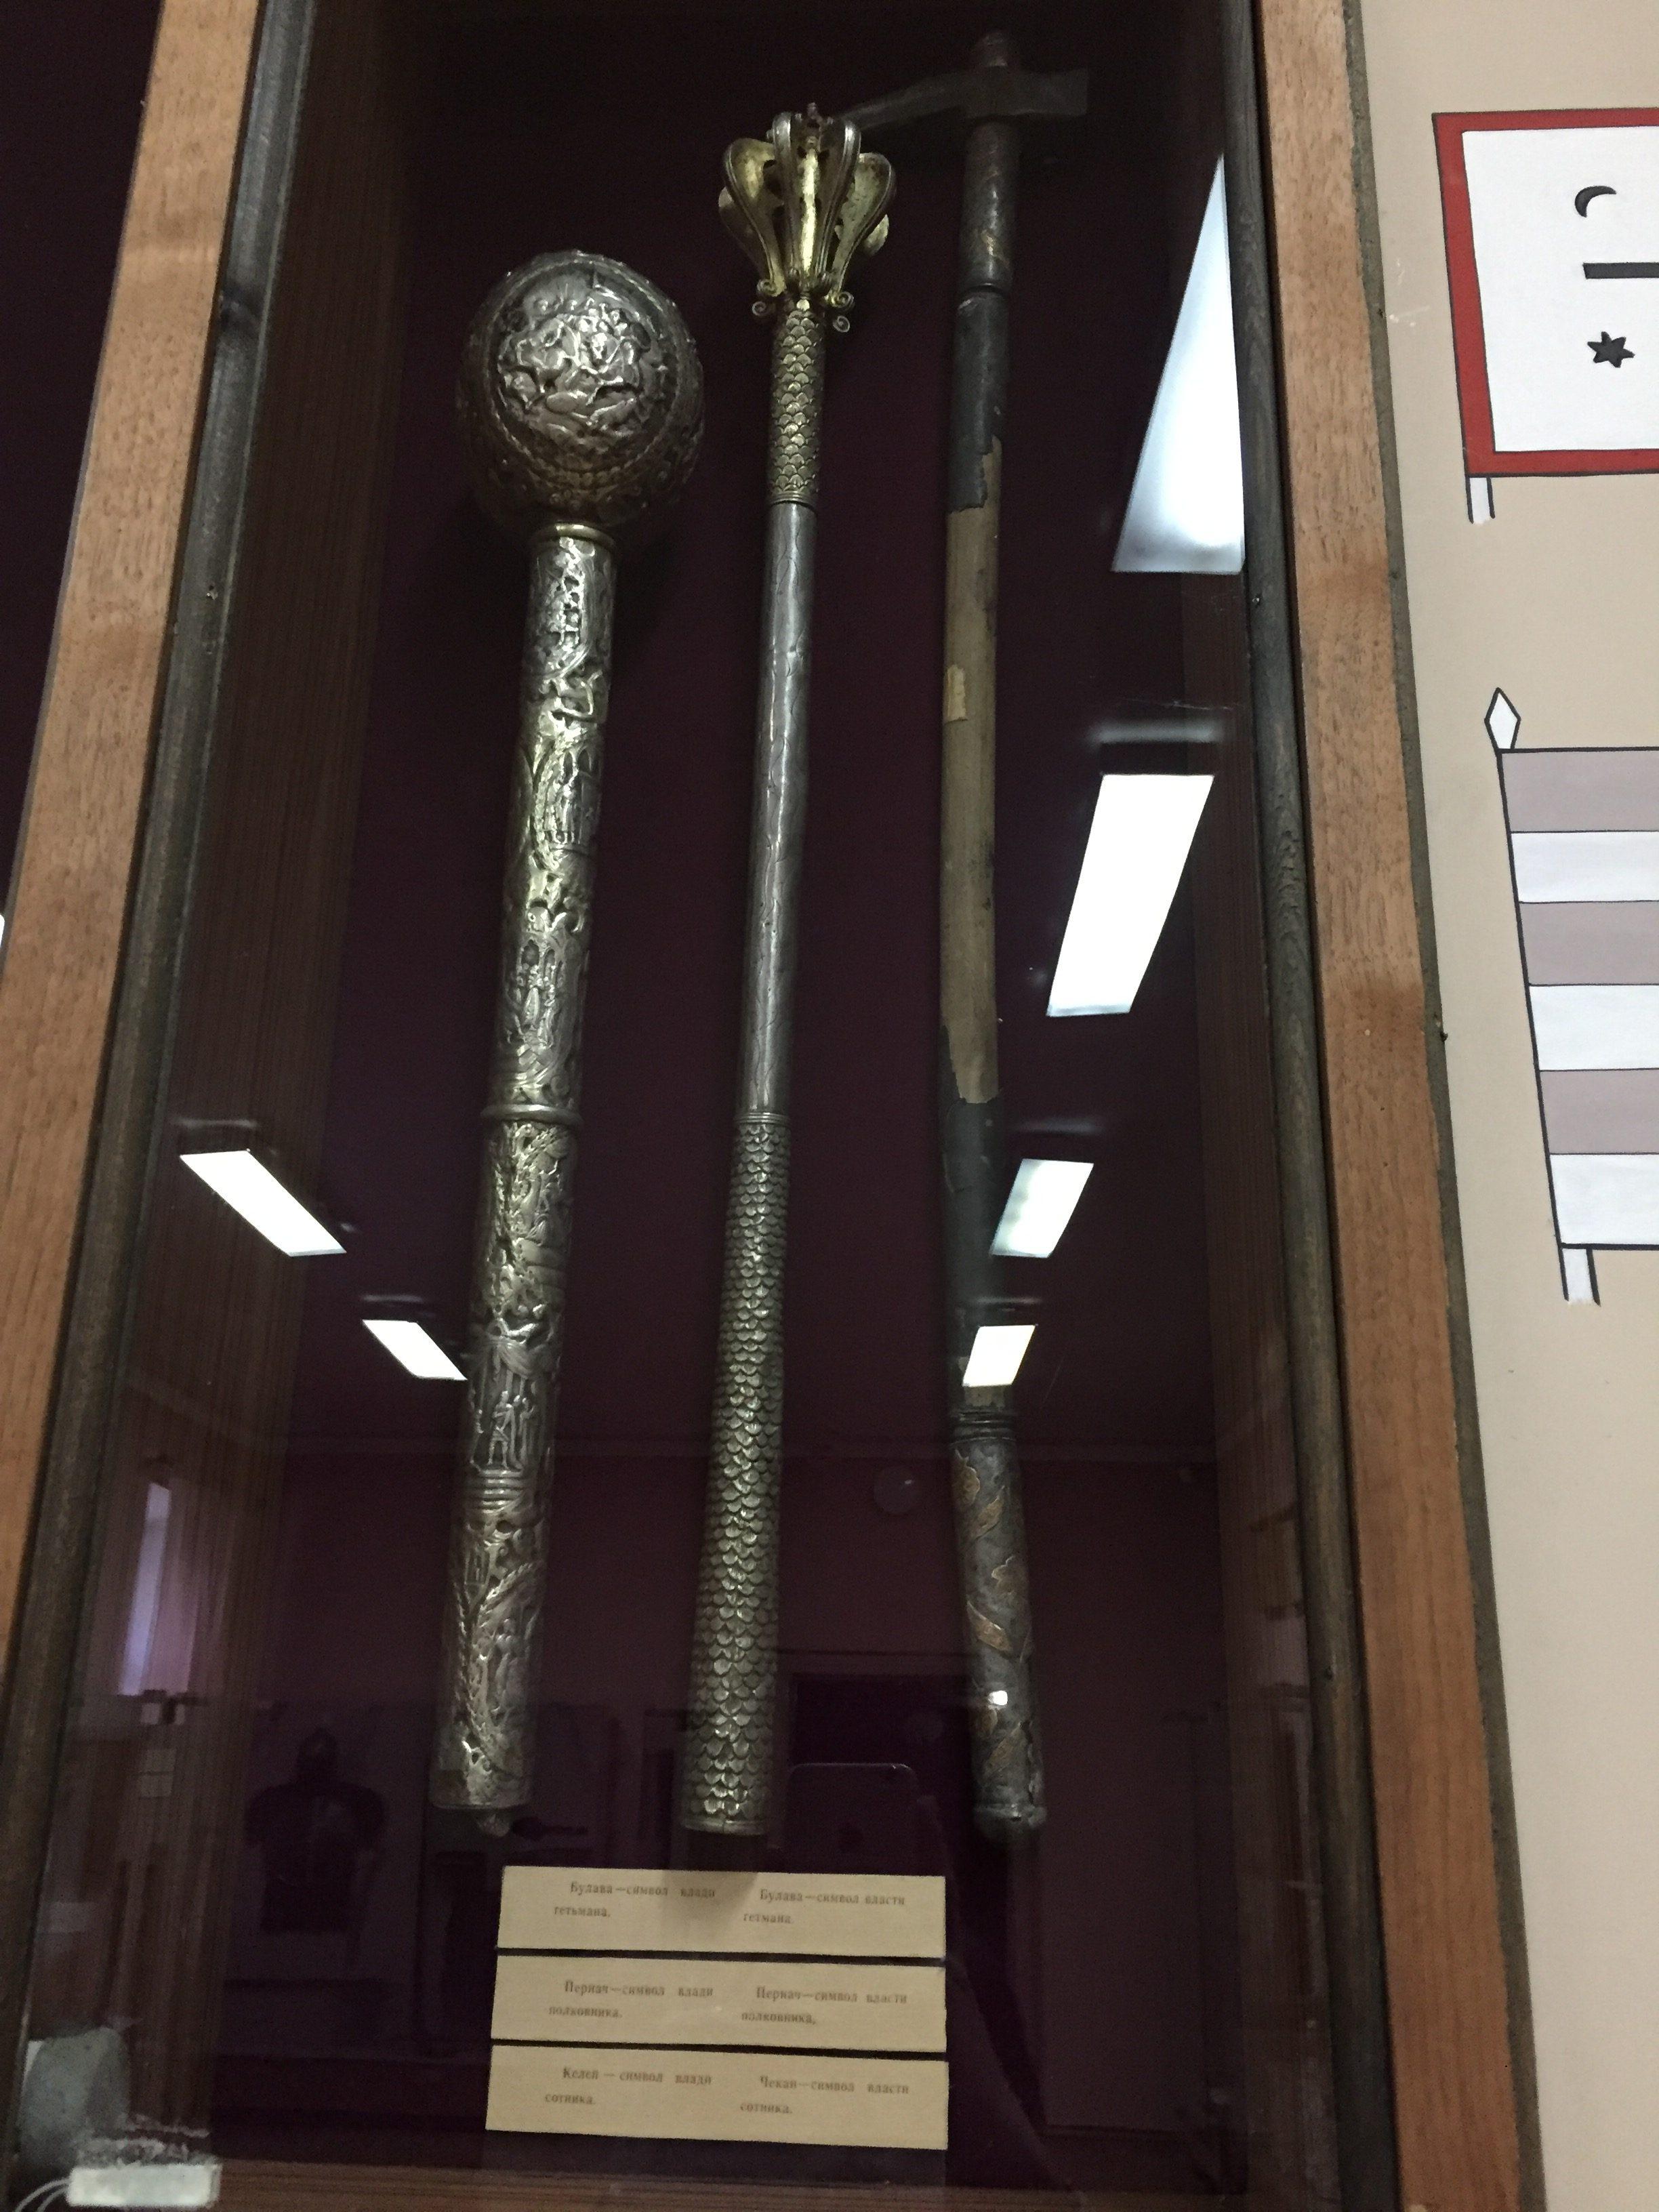 ゲトマンの権威を象徴するステッキ